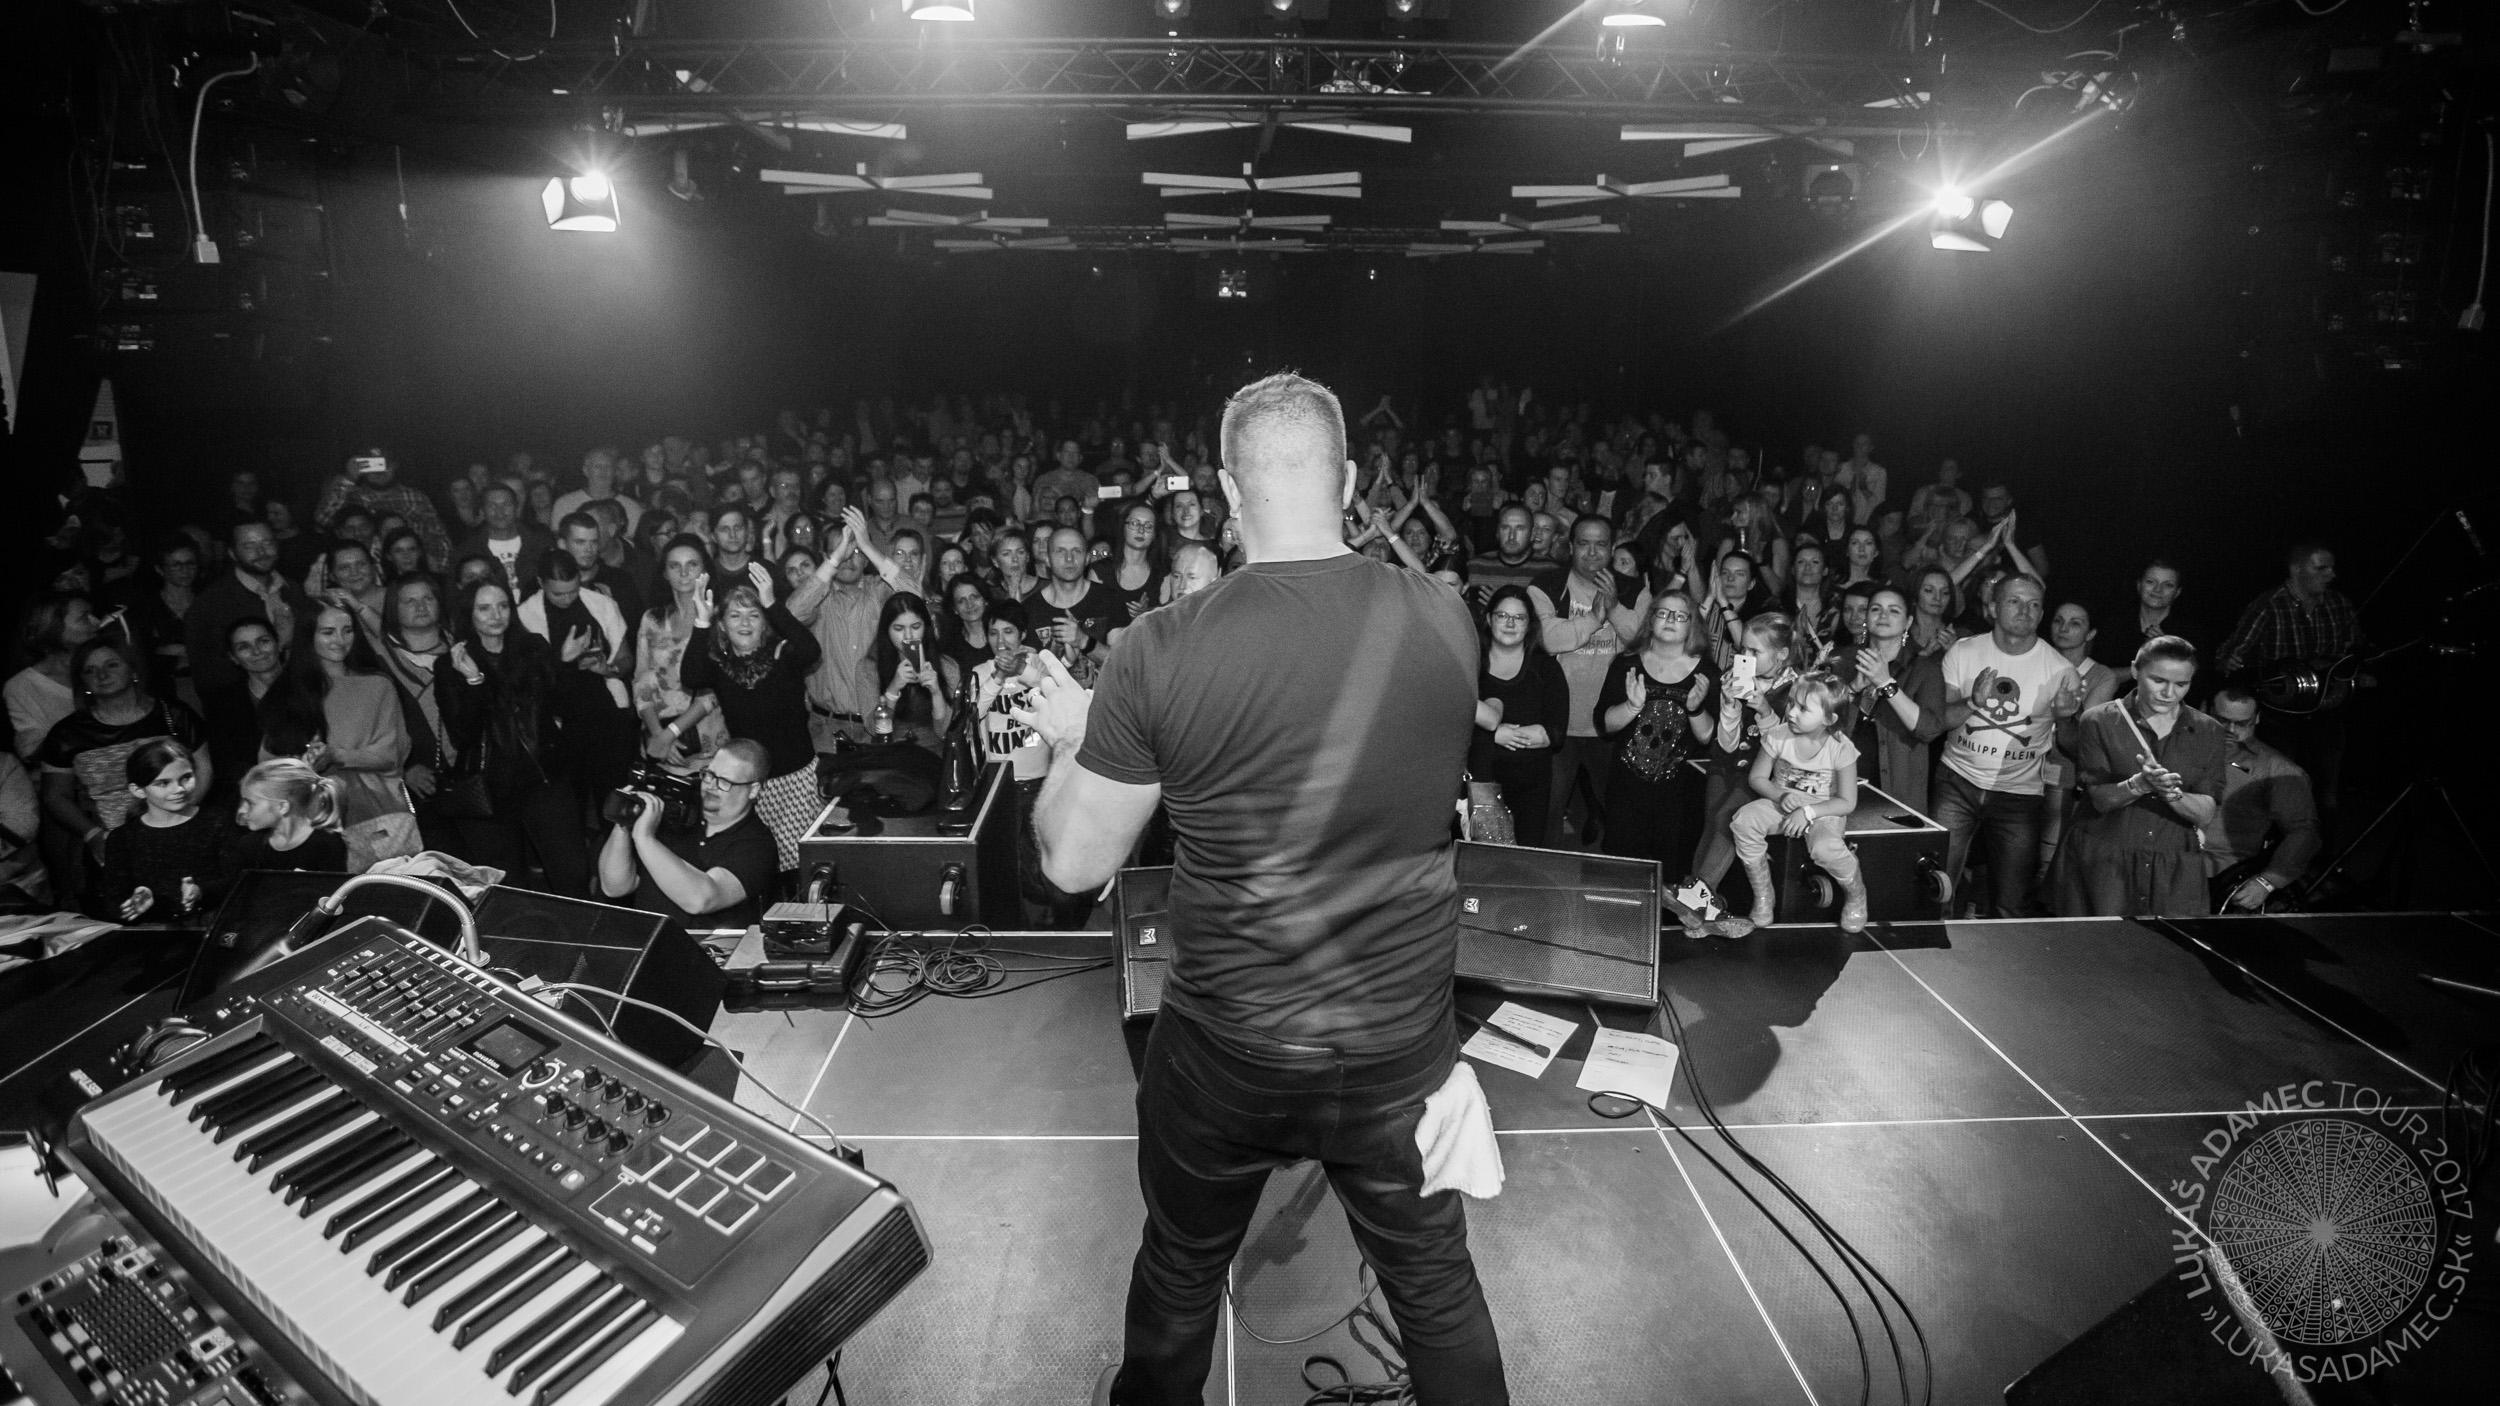 Koncert - Lukáš Adamec TOUR 2017 - Kulturpark Košice